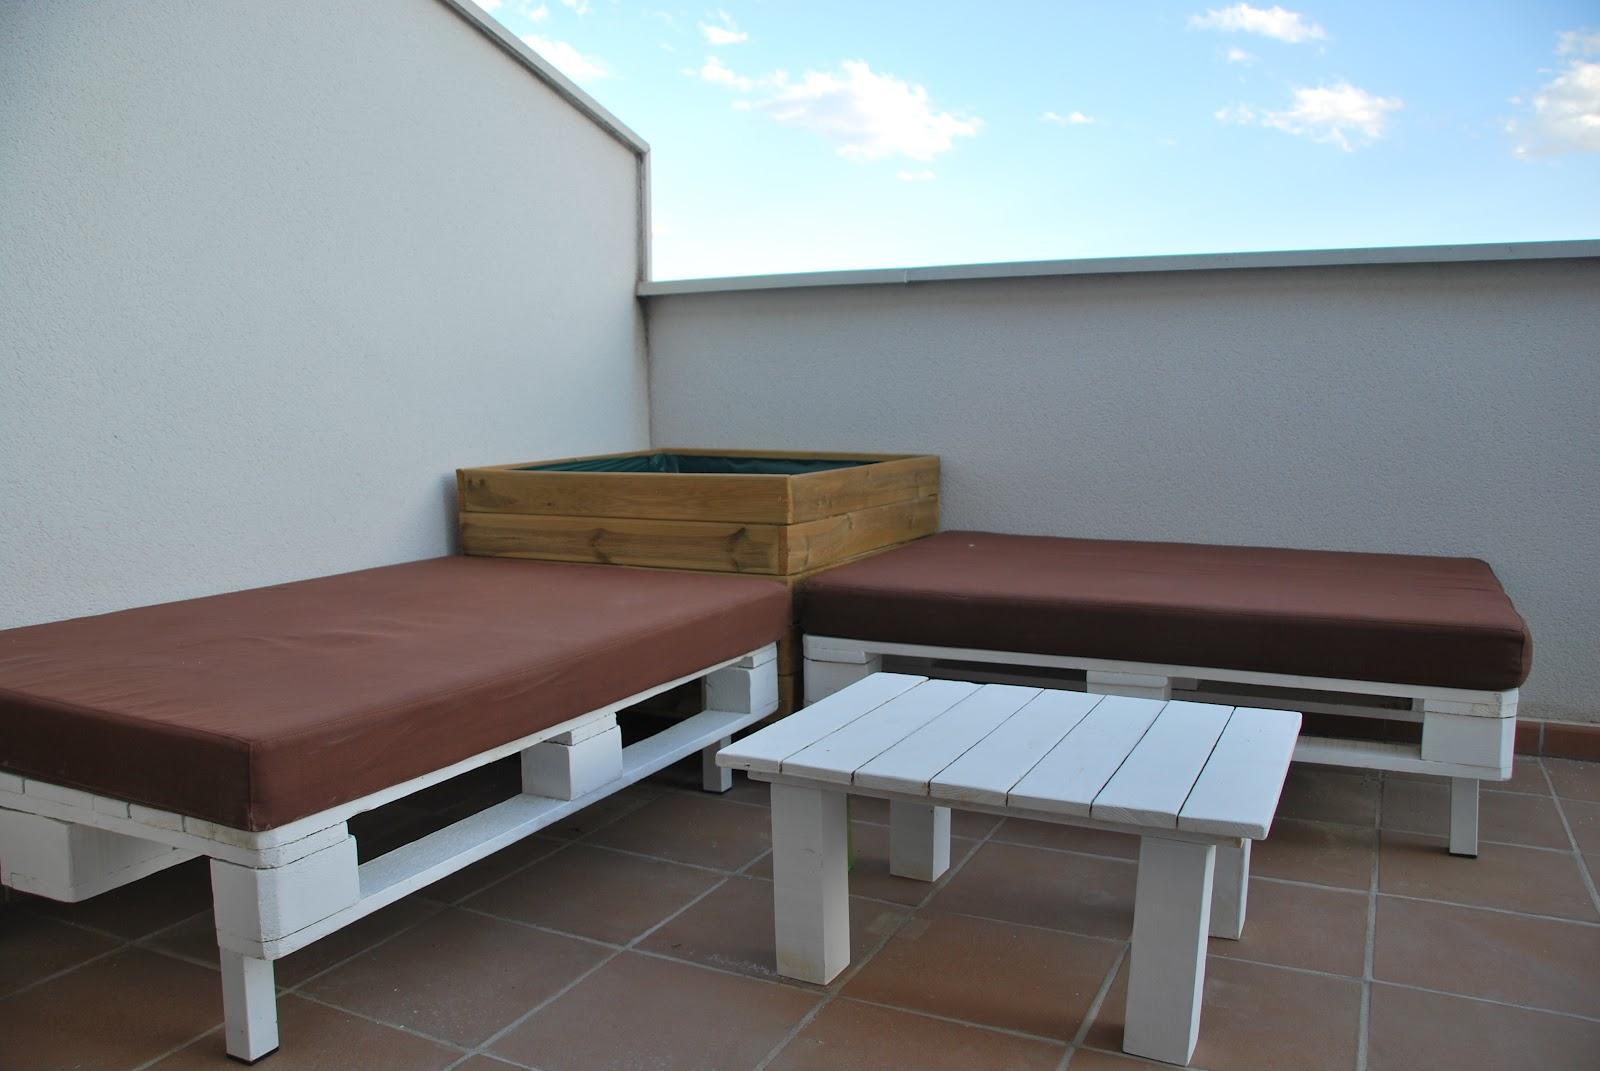 I d e a terraza mar a for Bancos para terrazas baratos